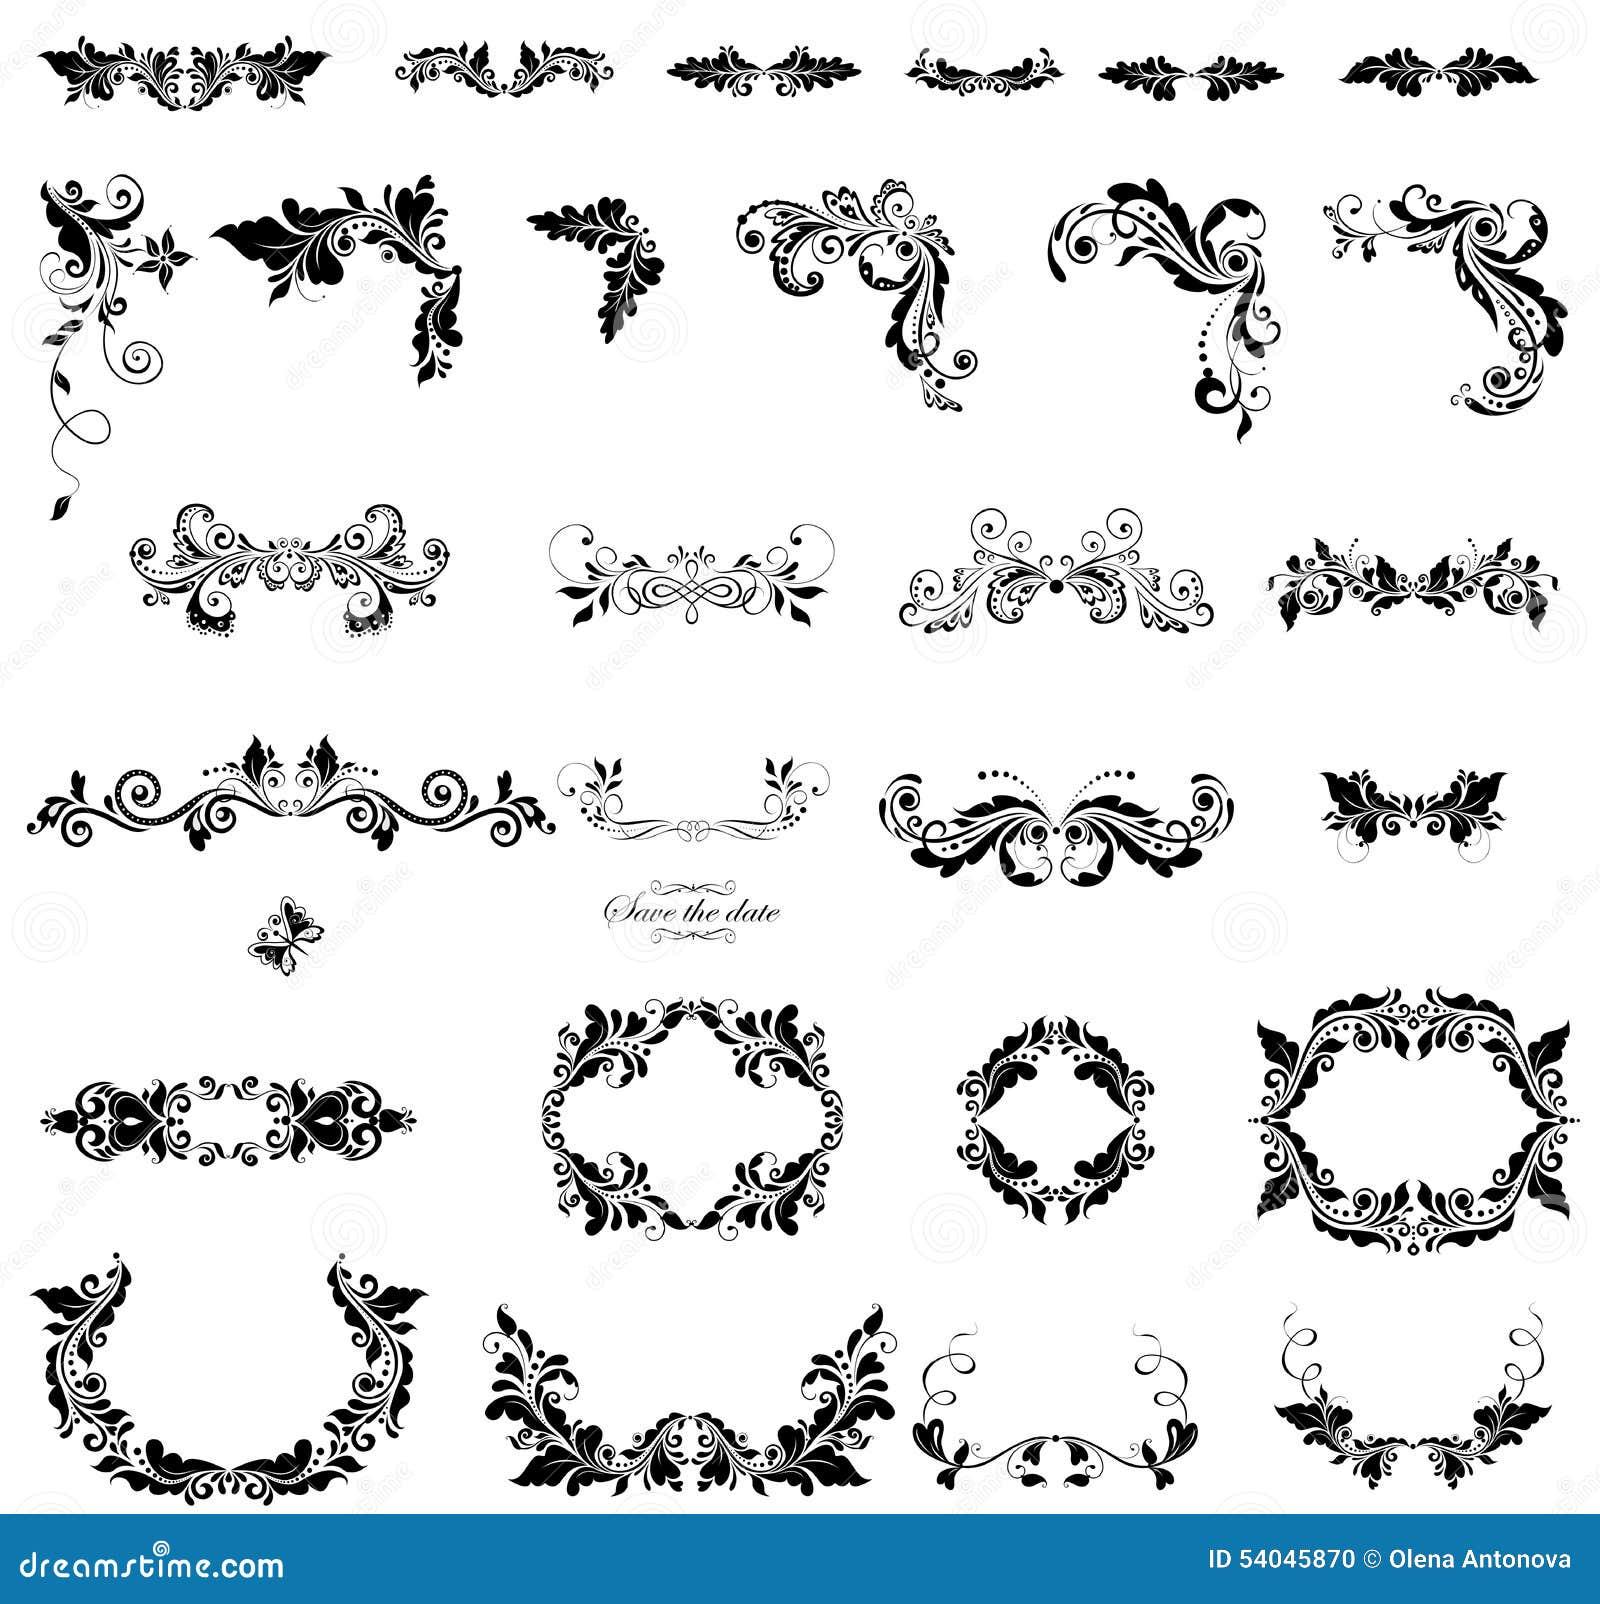 Bloemen zwart witte versiering vector illustratie afbeelding 54045870 - Poel van blanco hoek ...